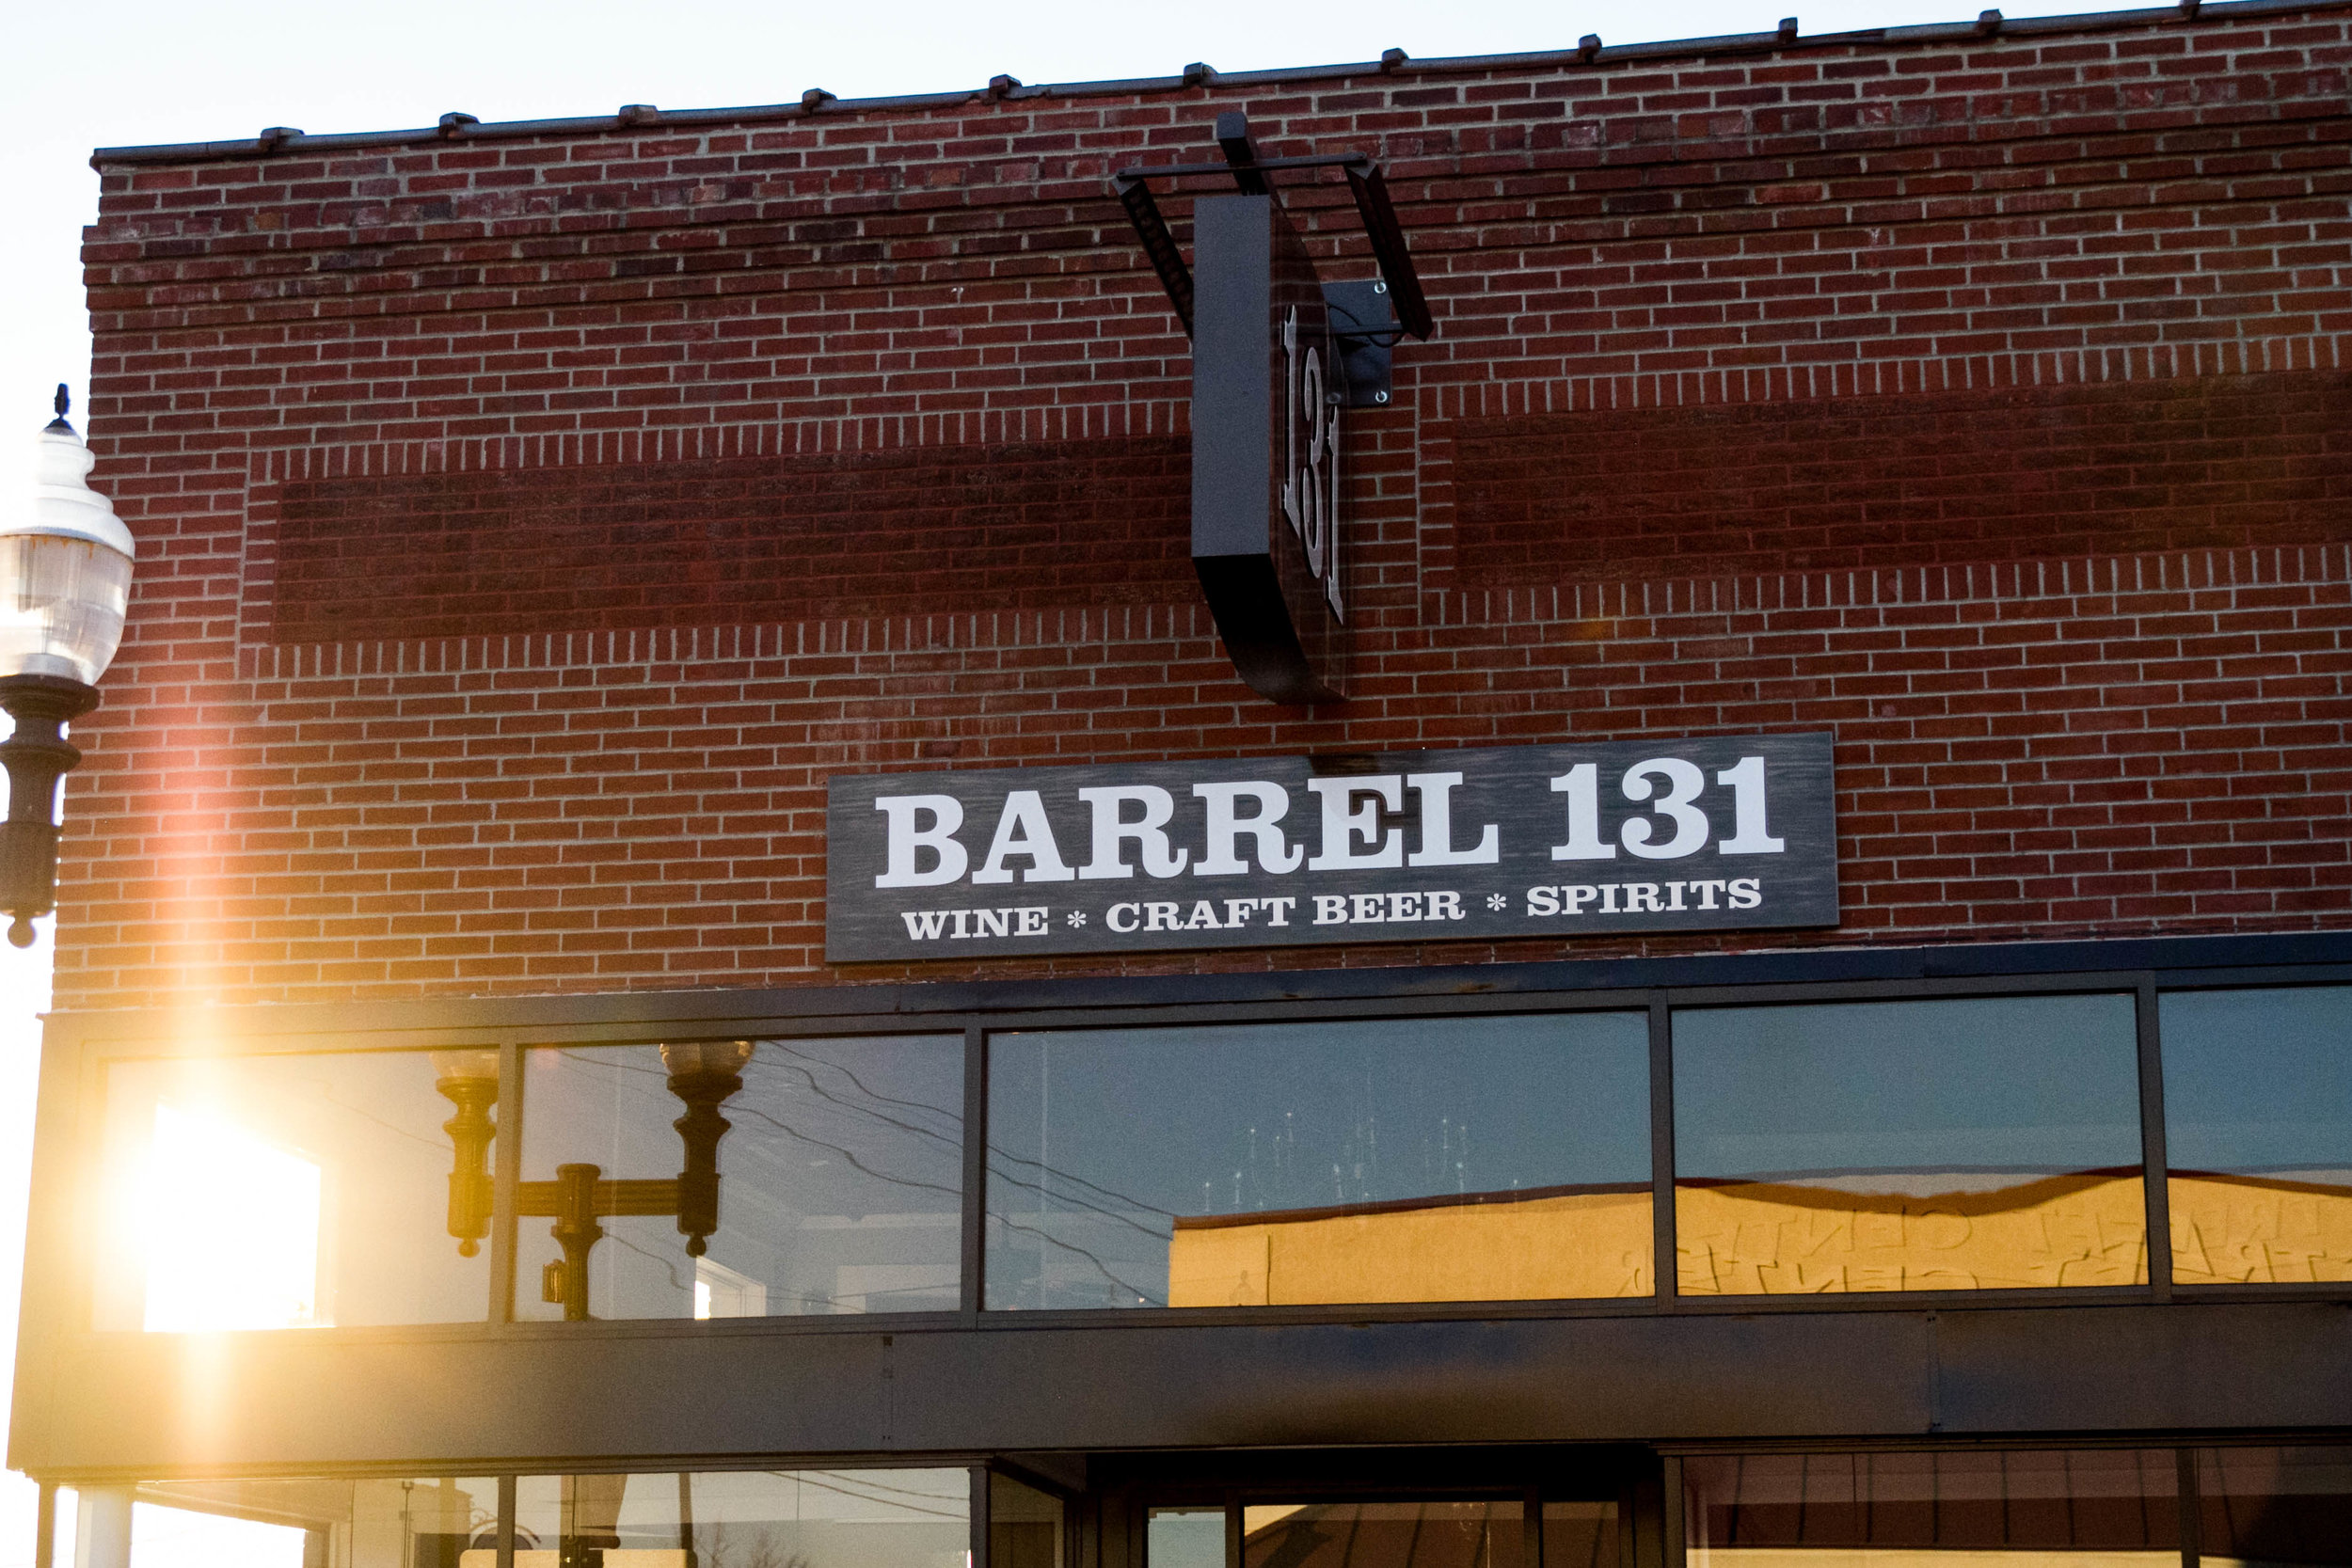 Barrel 131